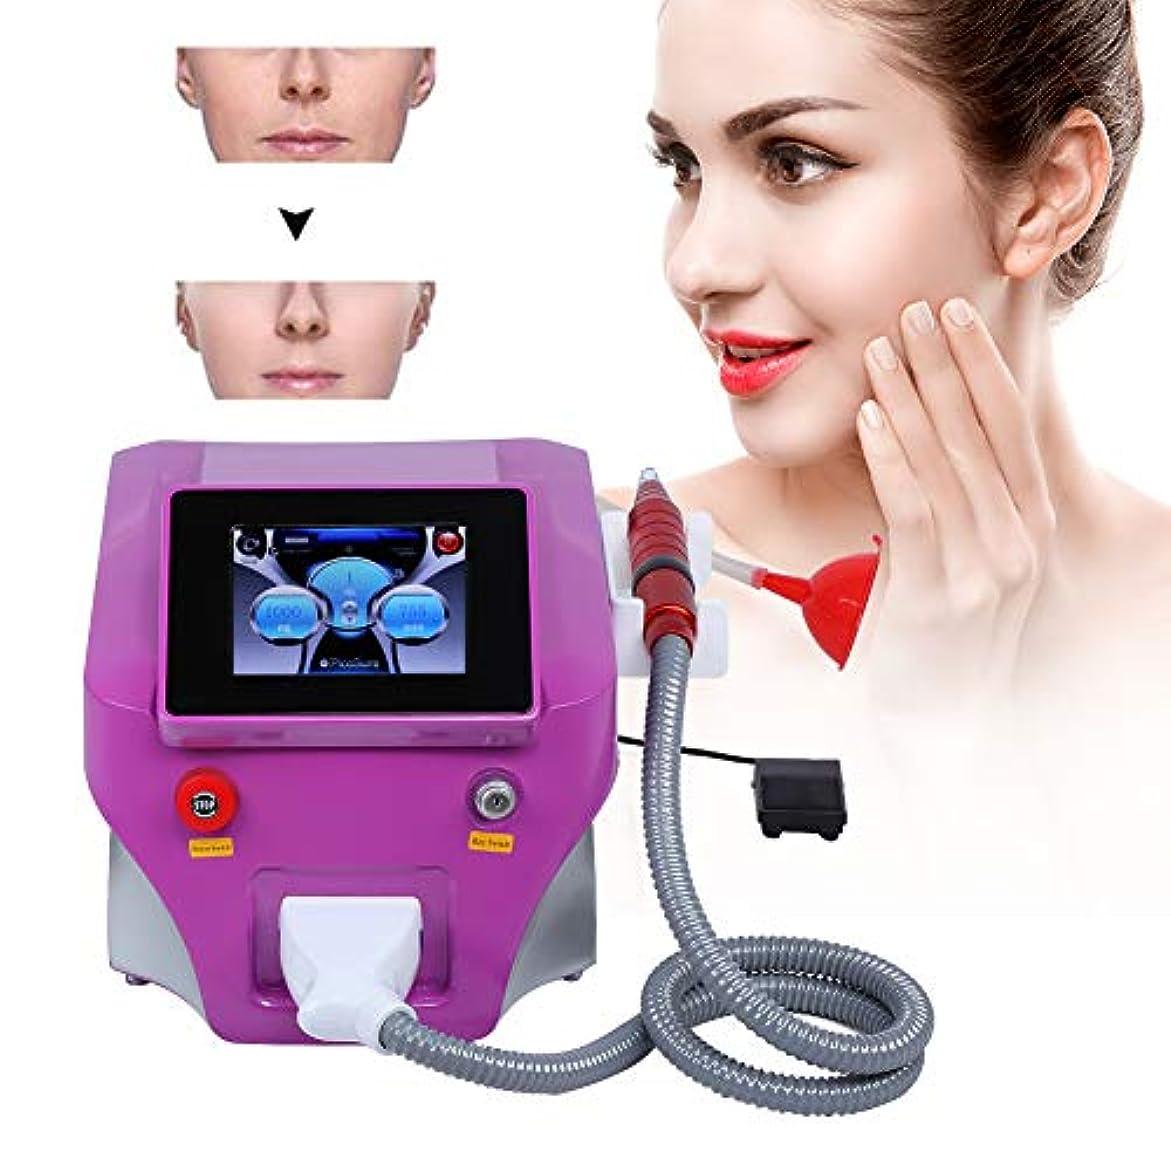 変成器世紀ヒゲ美容機、ピコ秒タトゥー顔料除去美容機皮膚美白デバイス(US)